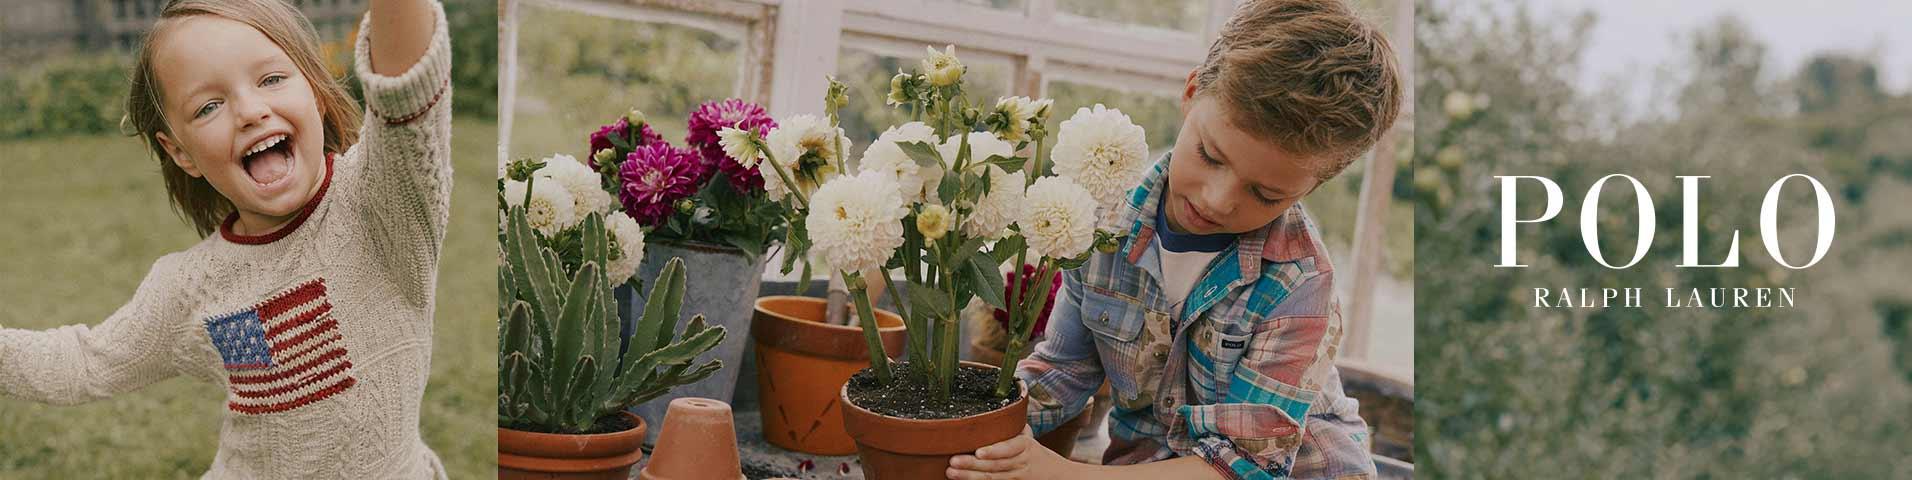 Polo Ralph Lauren Kindermode   Kinderschuhe online kaufen   Zalando 4143f48a64